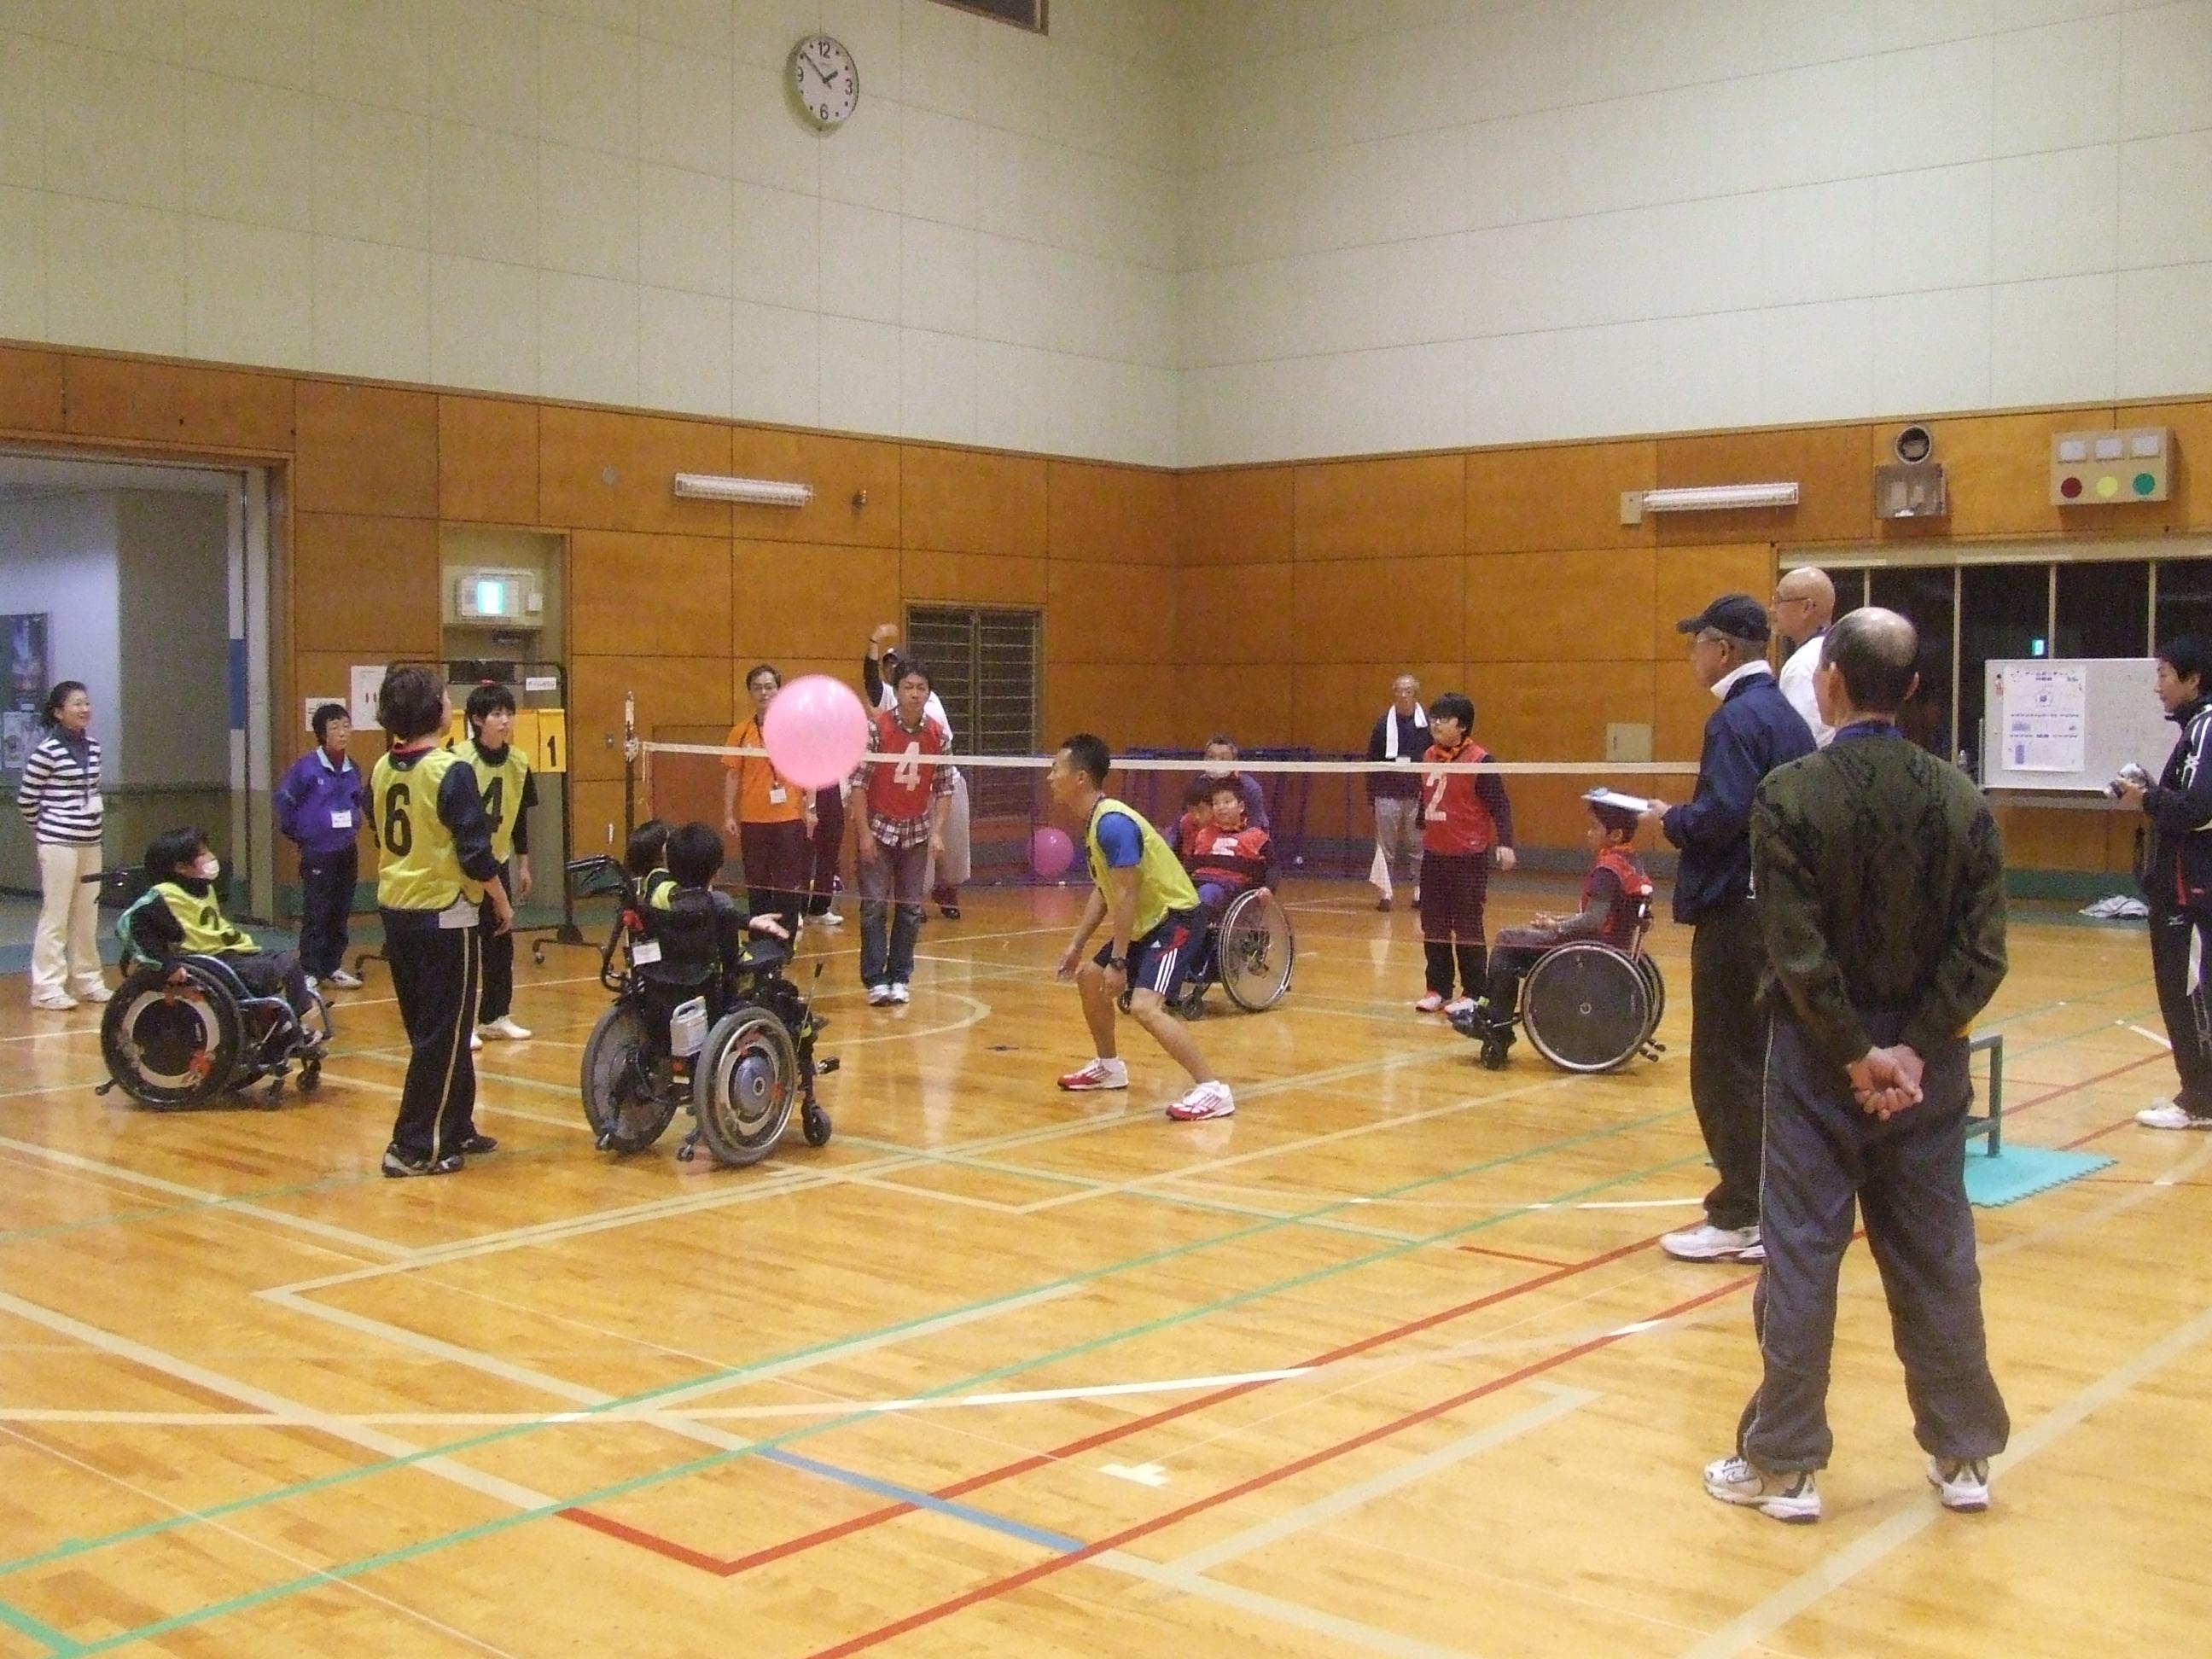 habatakijyunia1 - 第4回はばたきジュニアスポーツ交流大会